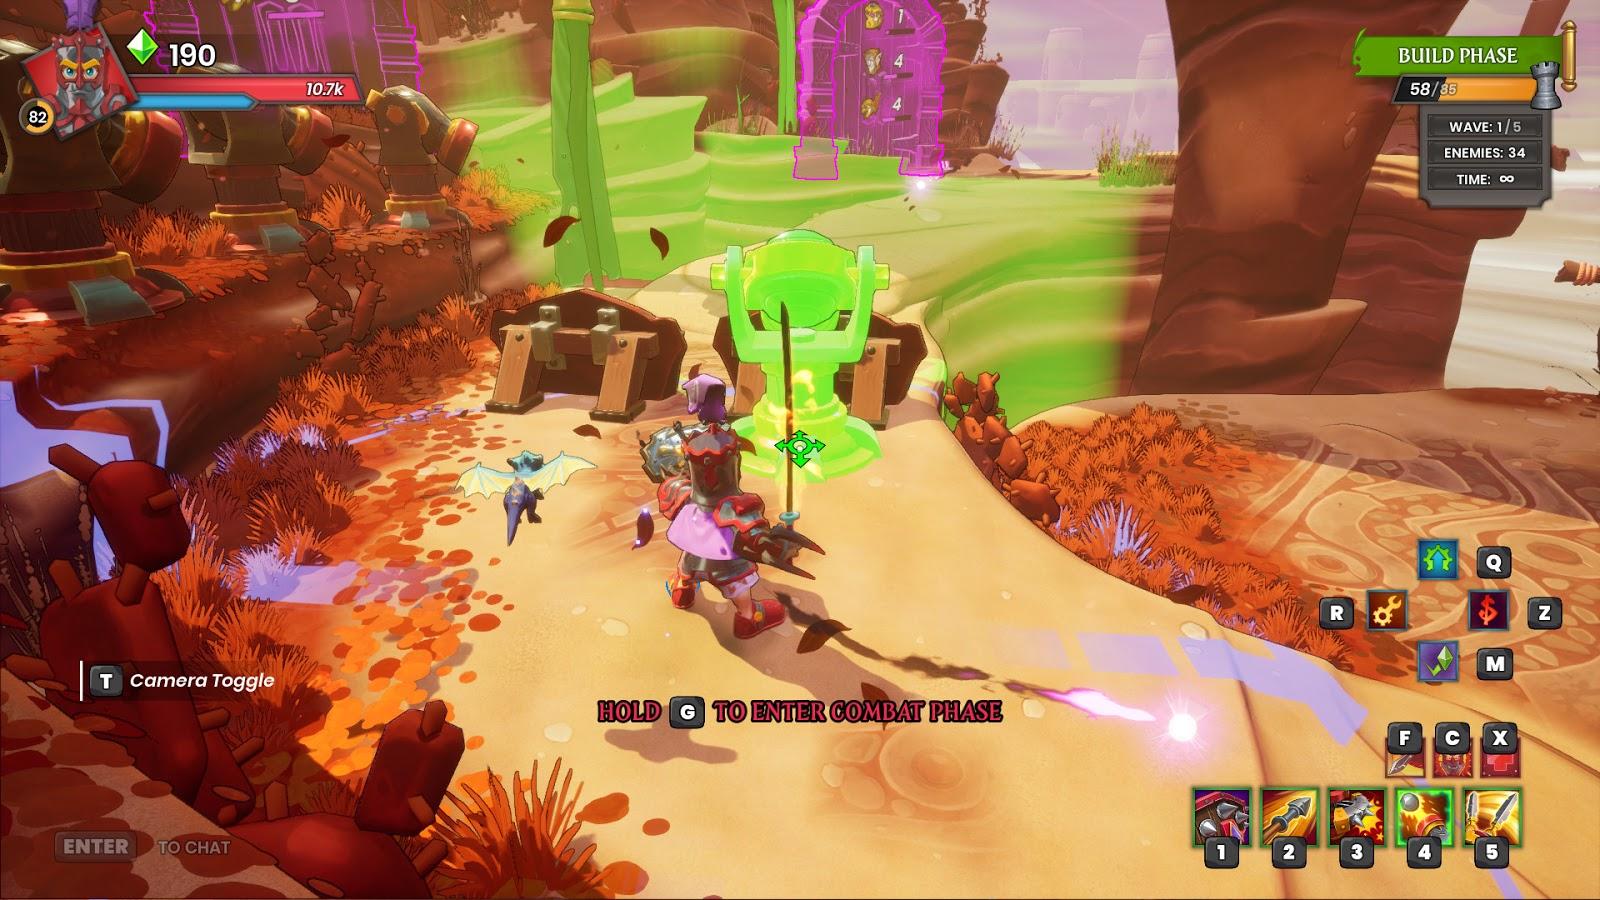 dungeon-defenders-awakened-pc-screenshot-01